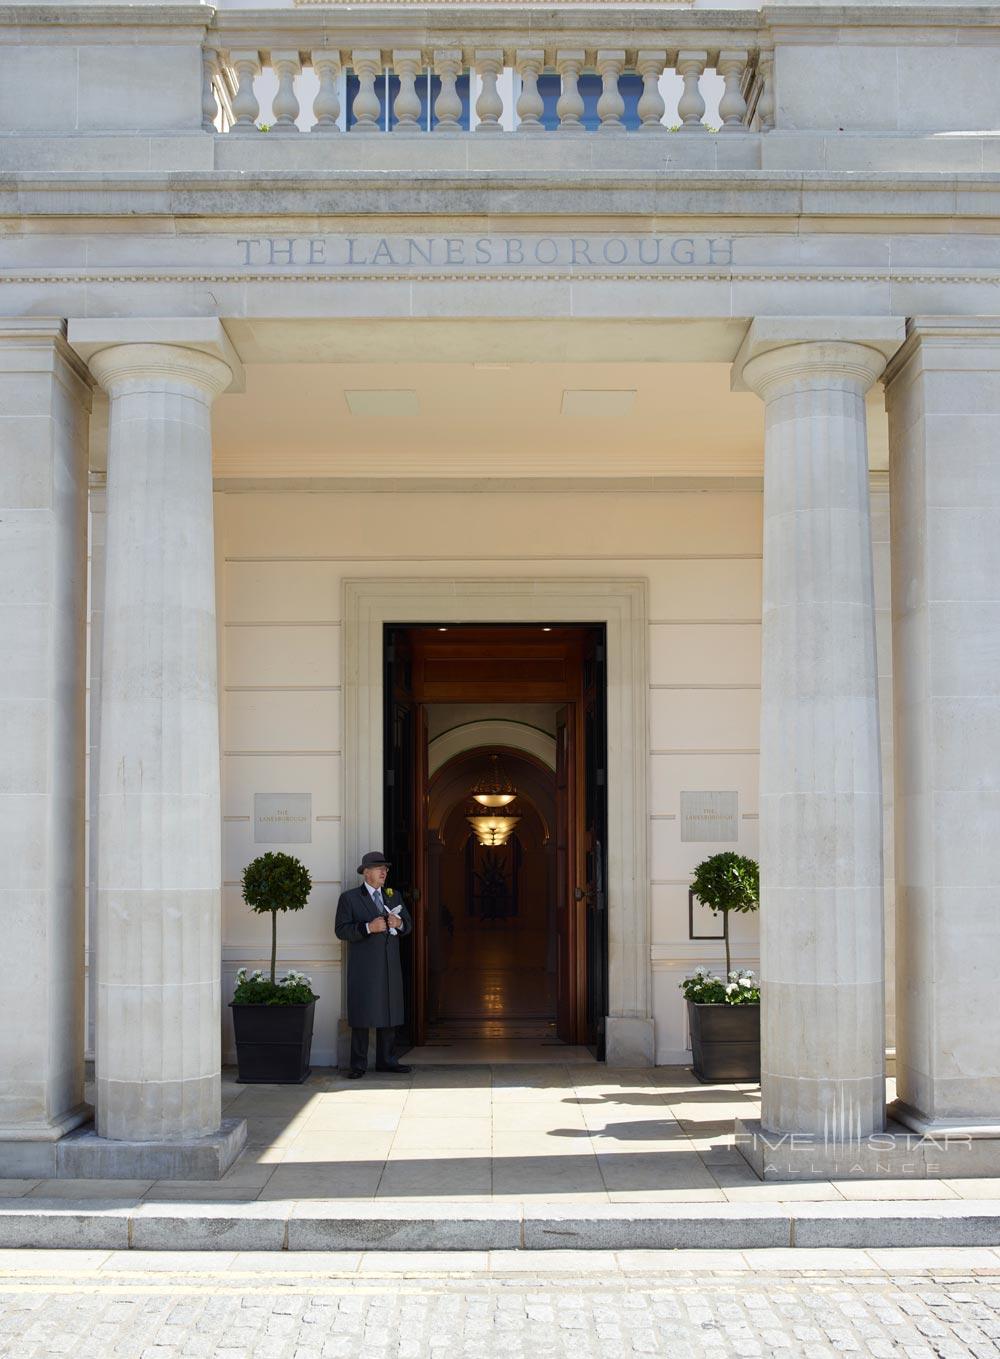 Entrance to The LanesboroughLondonUK